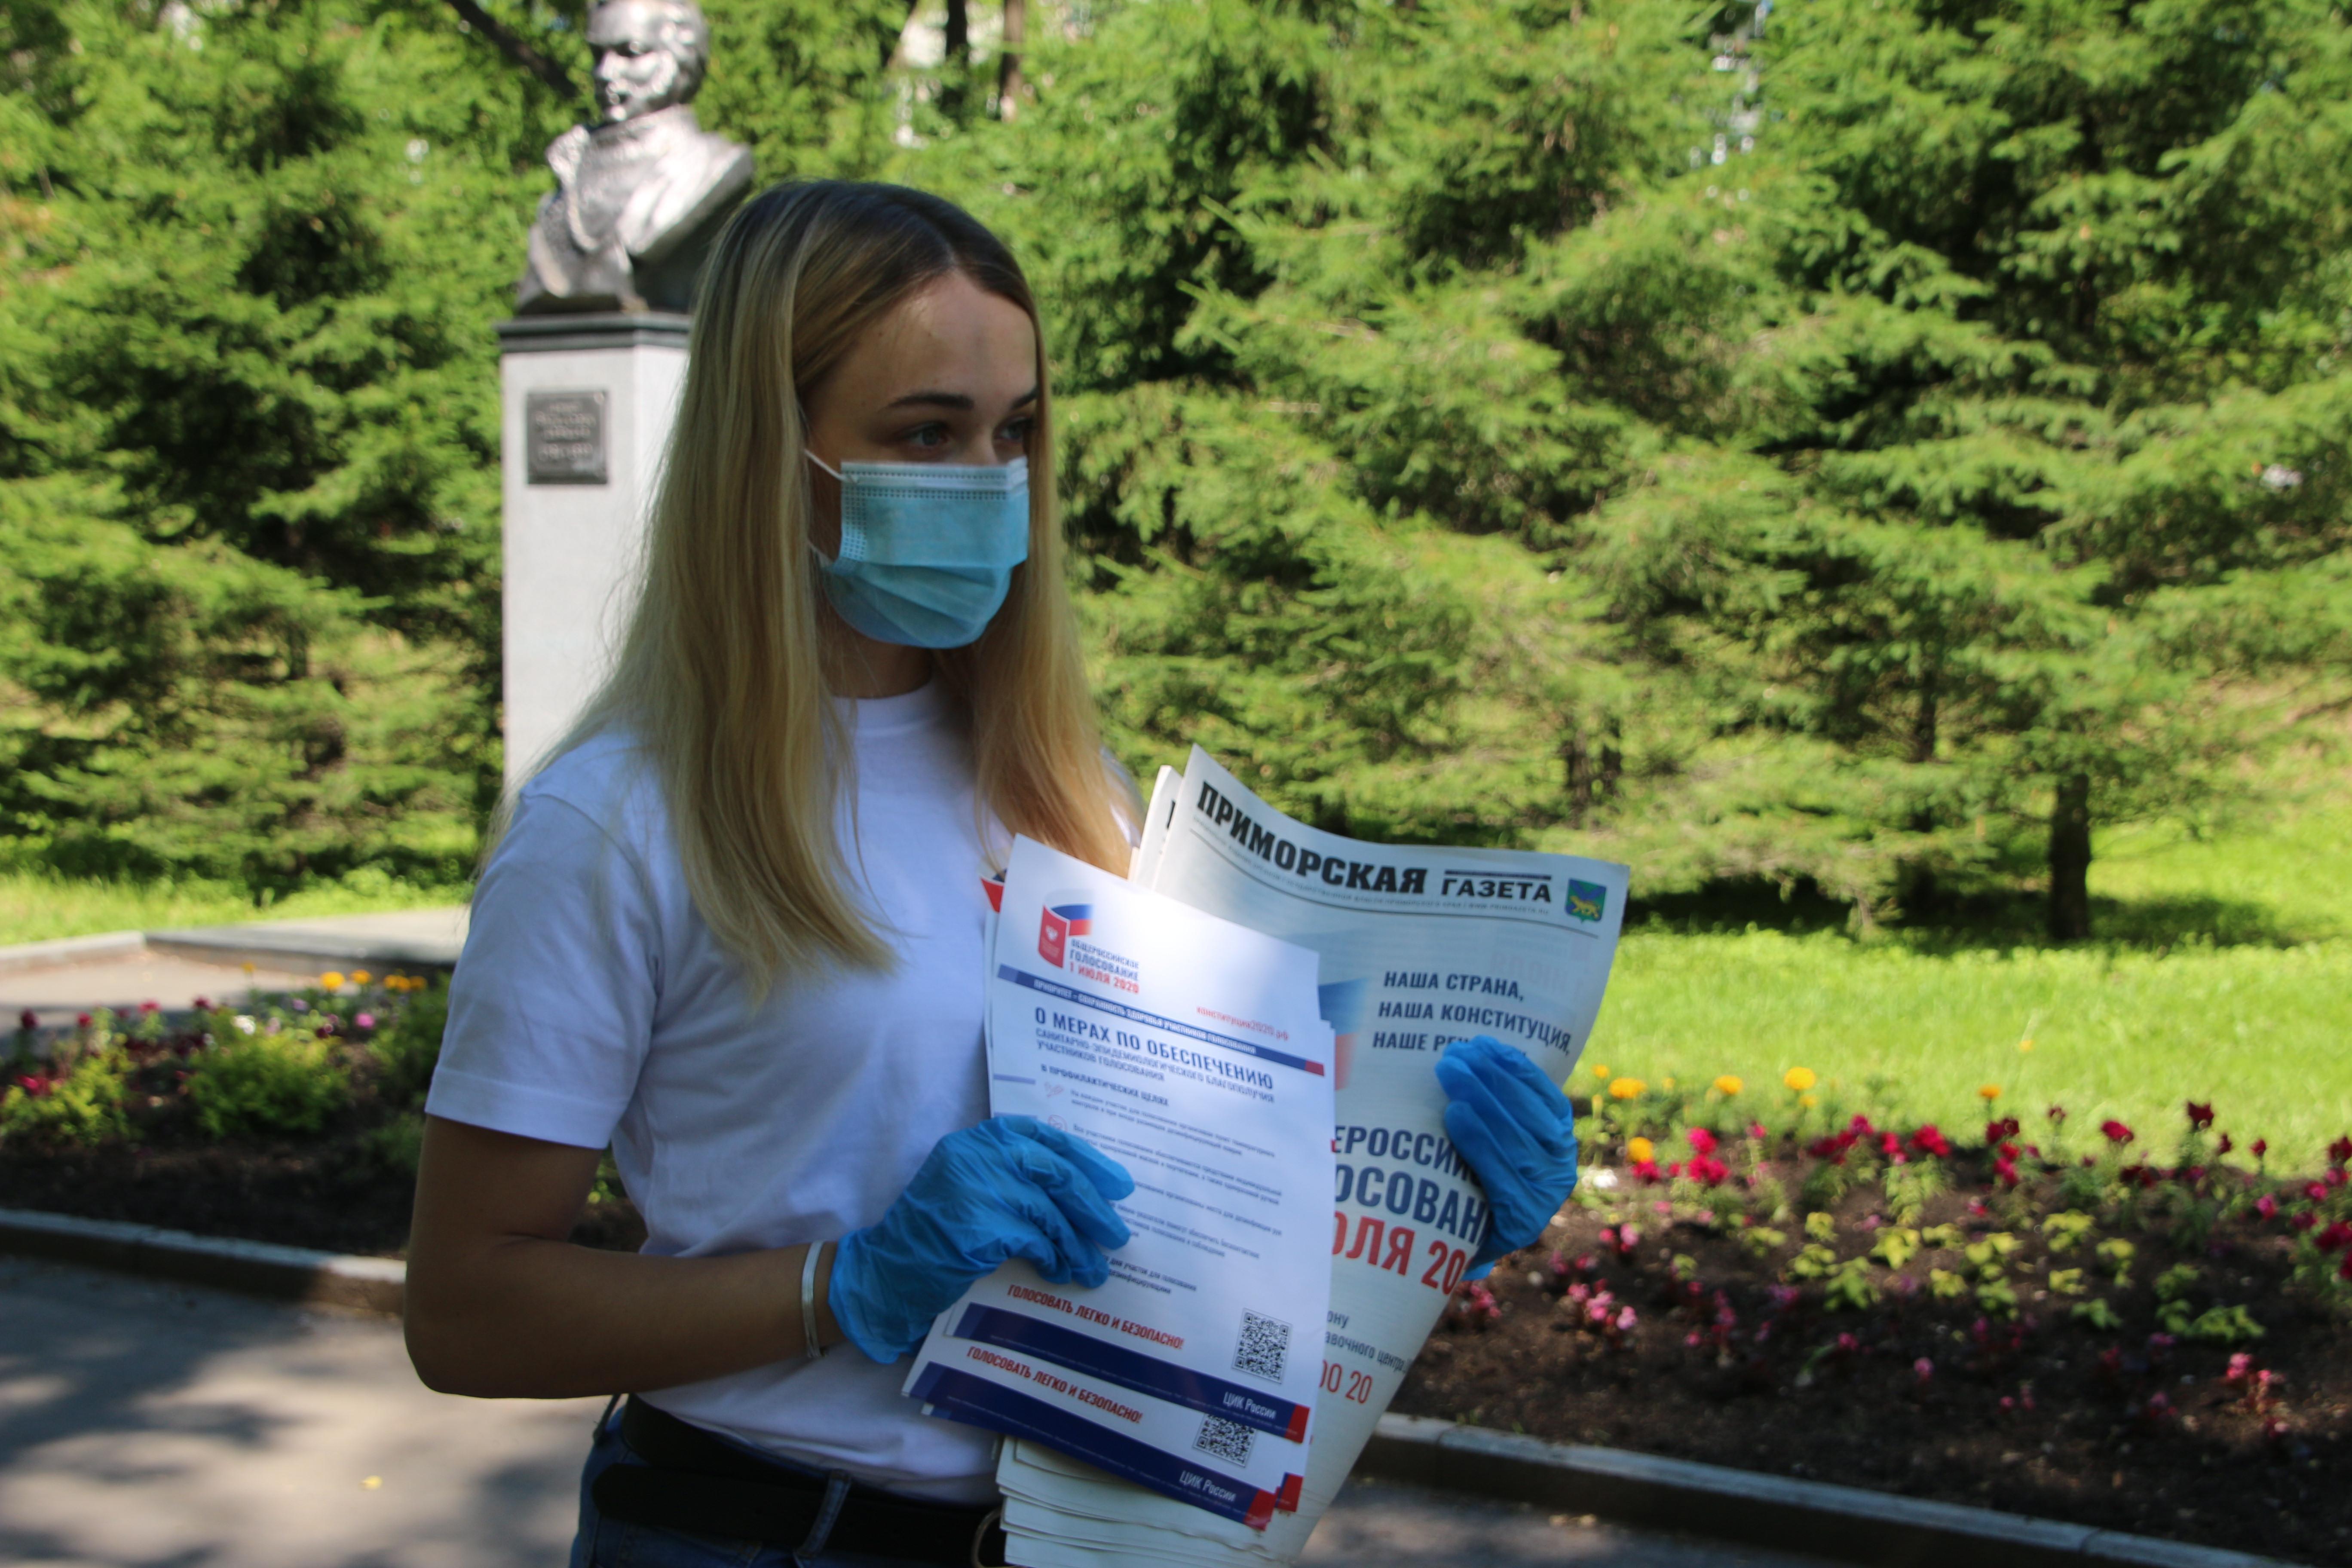 Губернатор Приморья оценил вклад волонтёров в борьбу с пандемией COVID-19